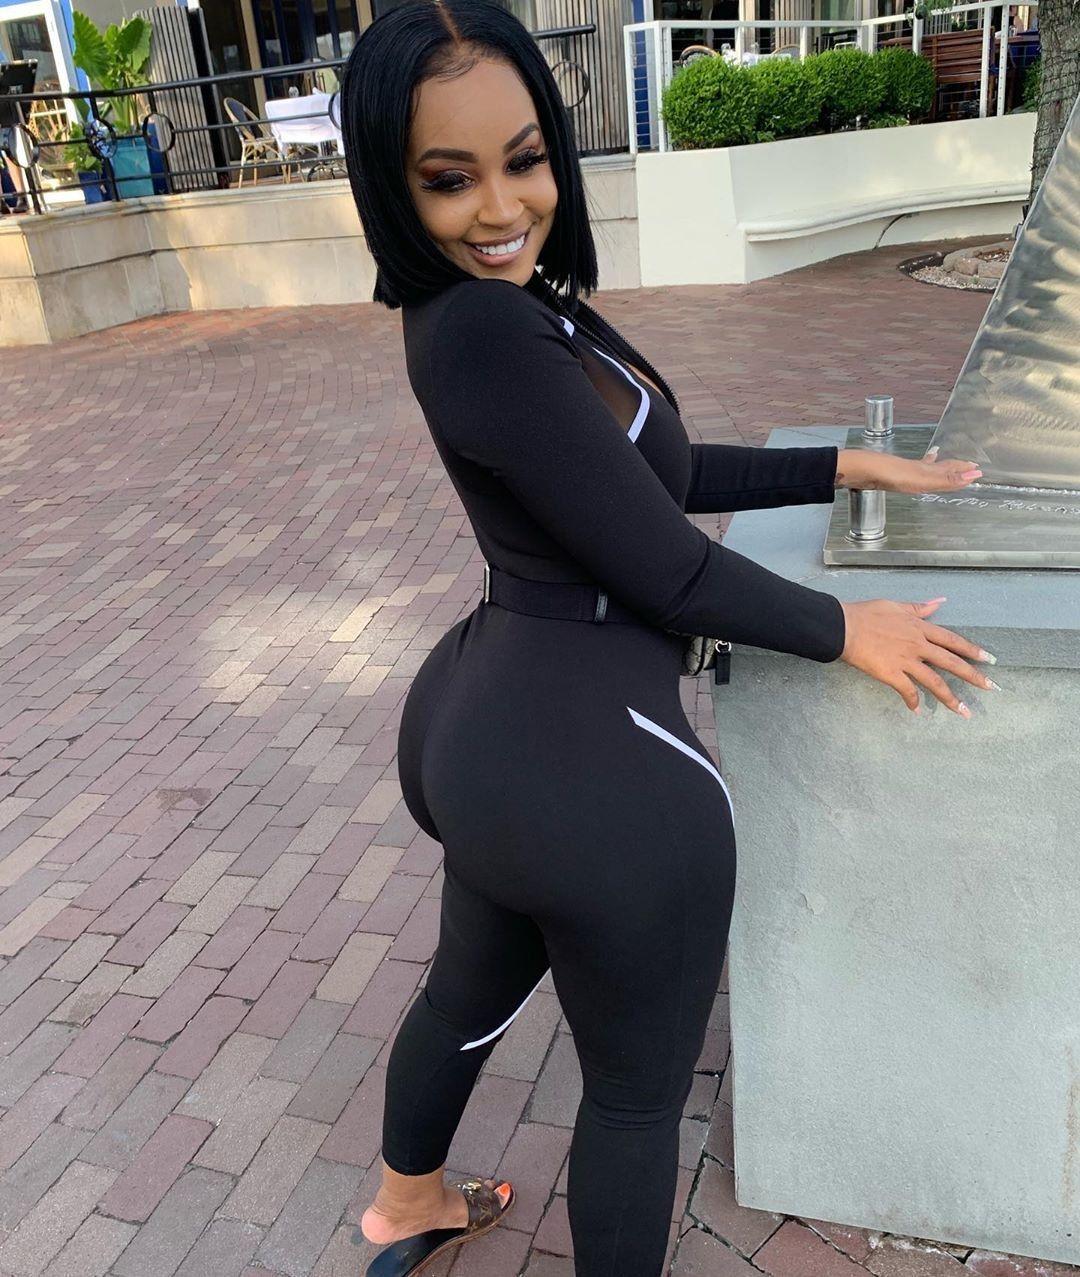 Huge black ass in spandex